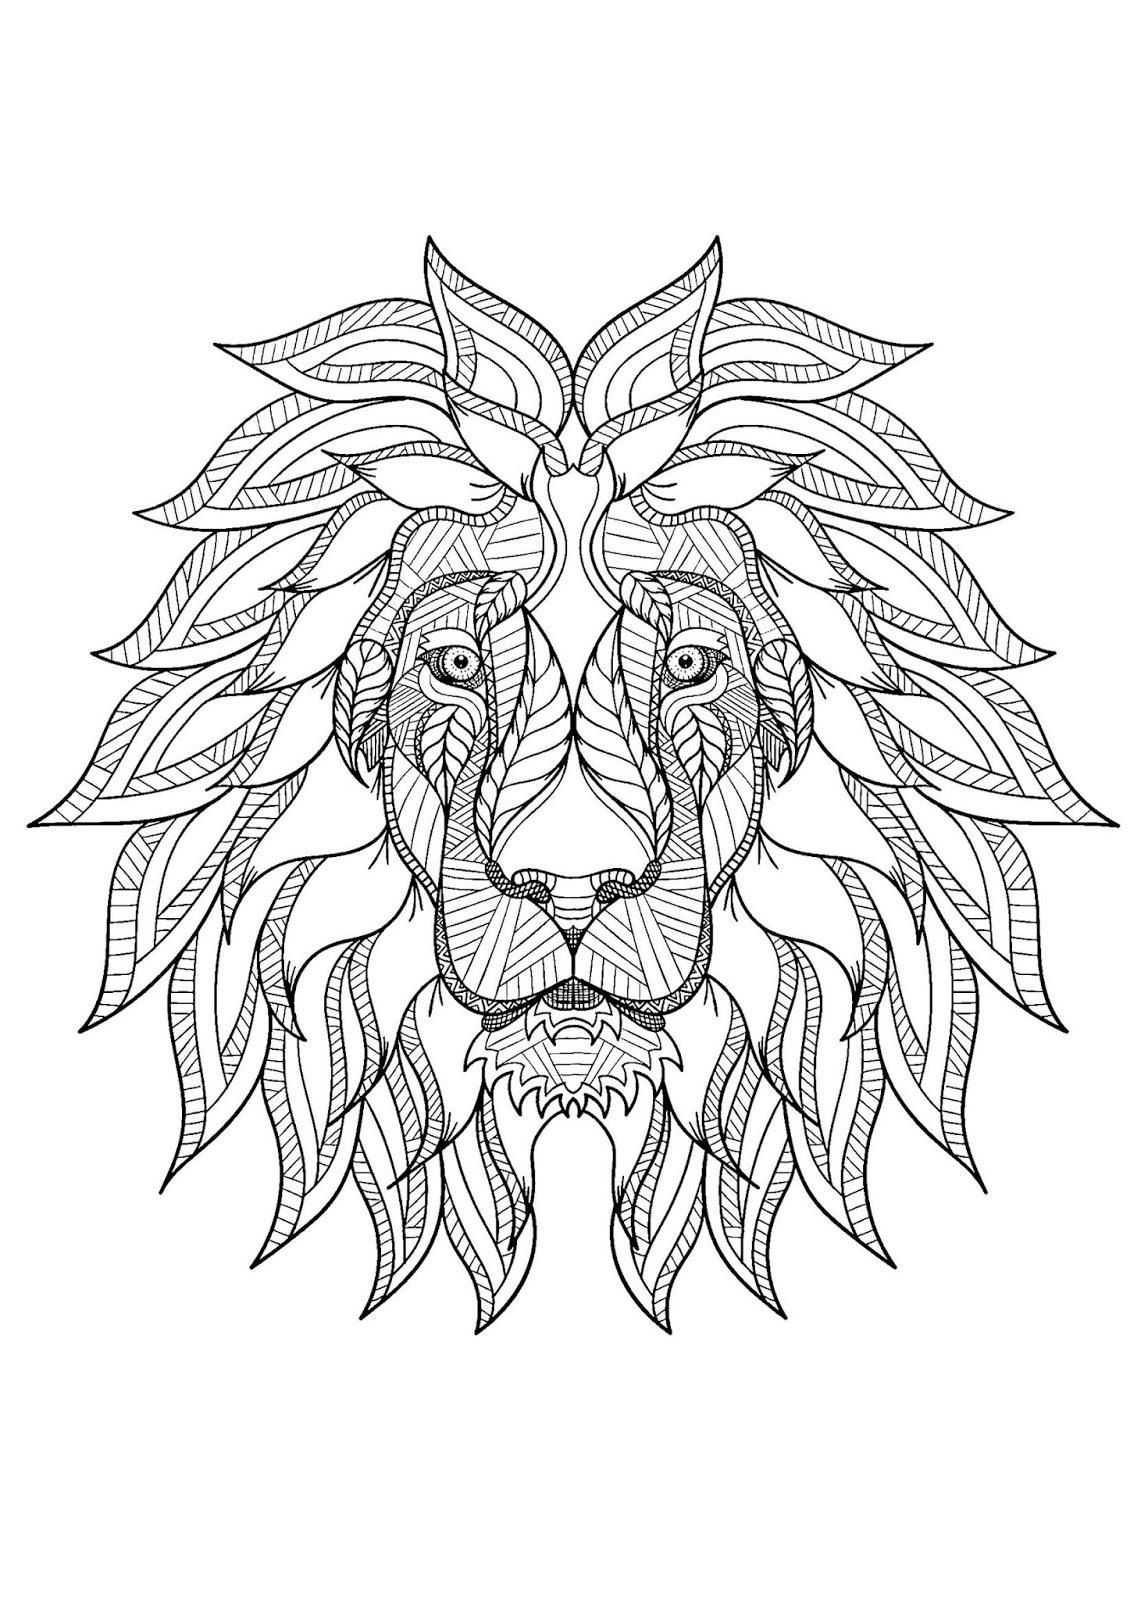 Tranh tô màu đầu con sư tử